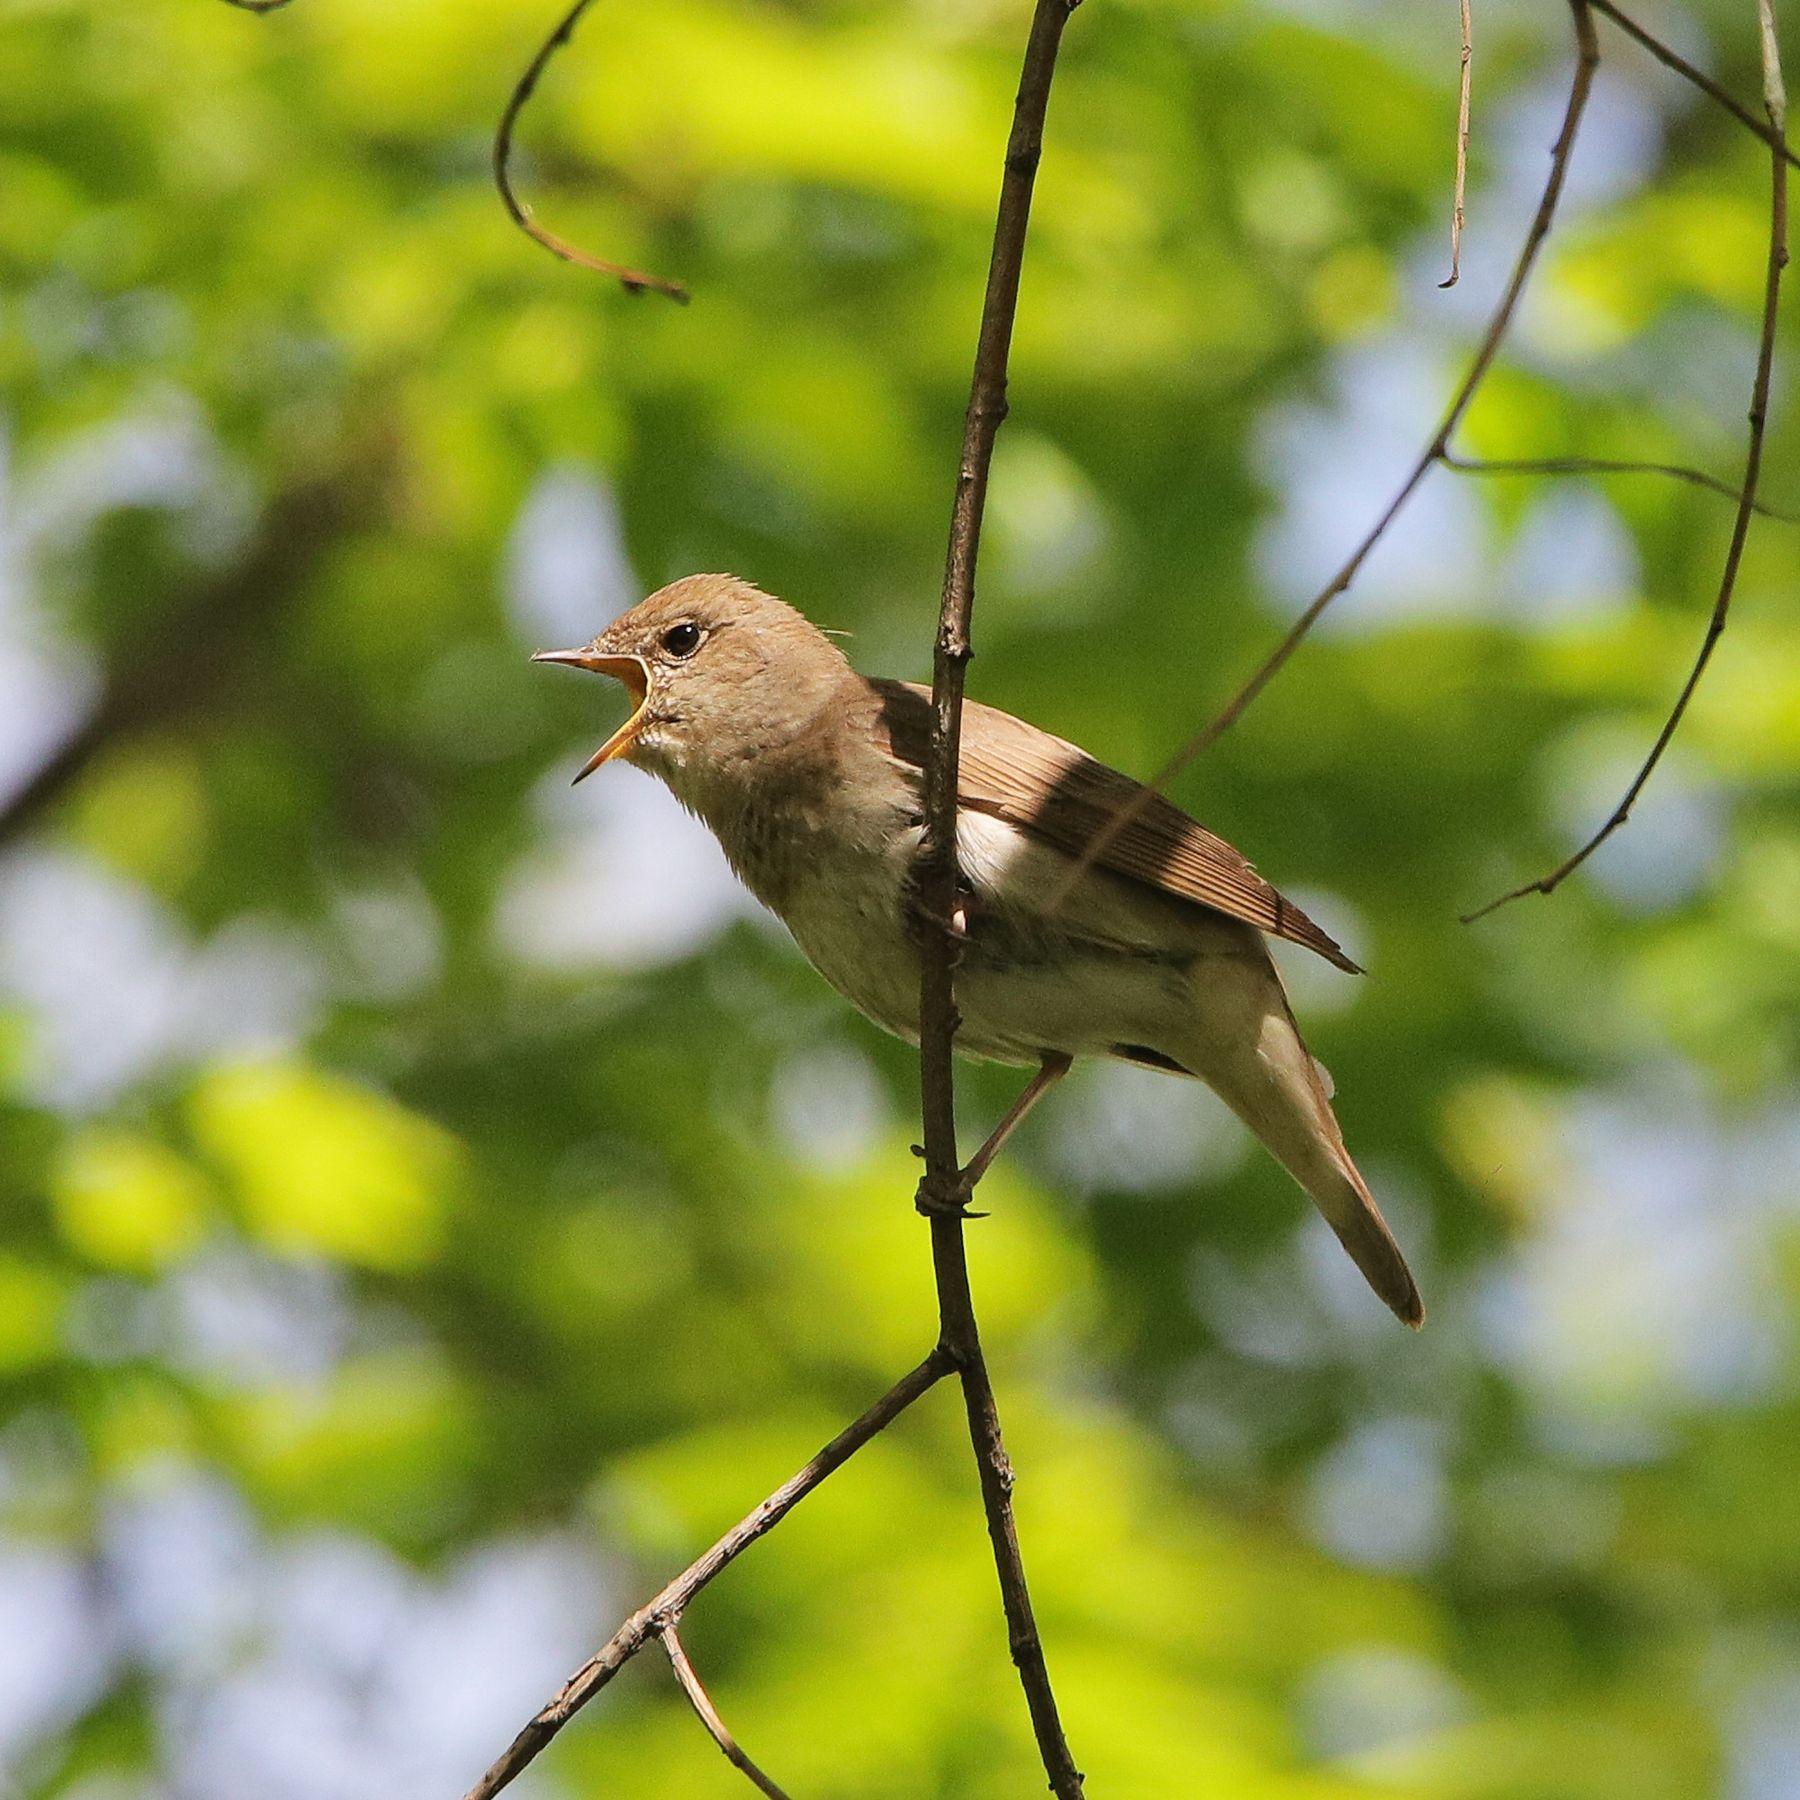 соловей-пташечка_2569 птицы певчие соловей